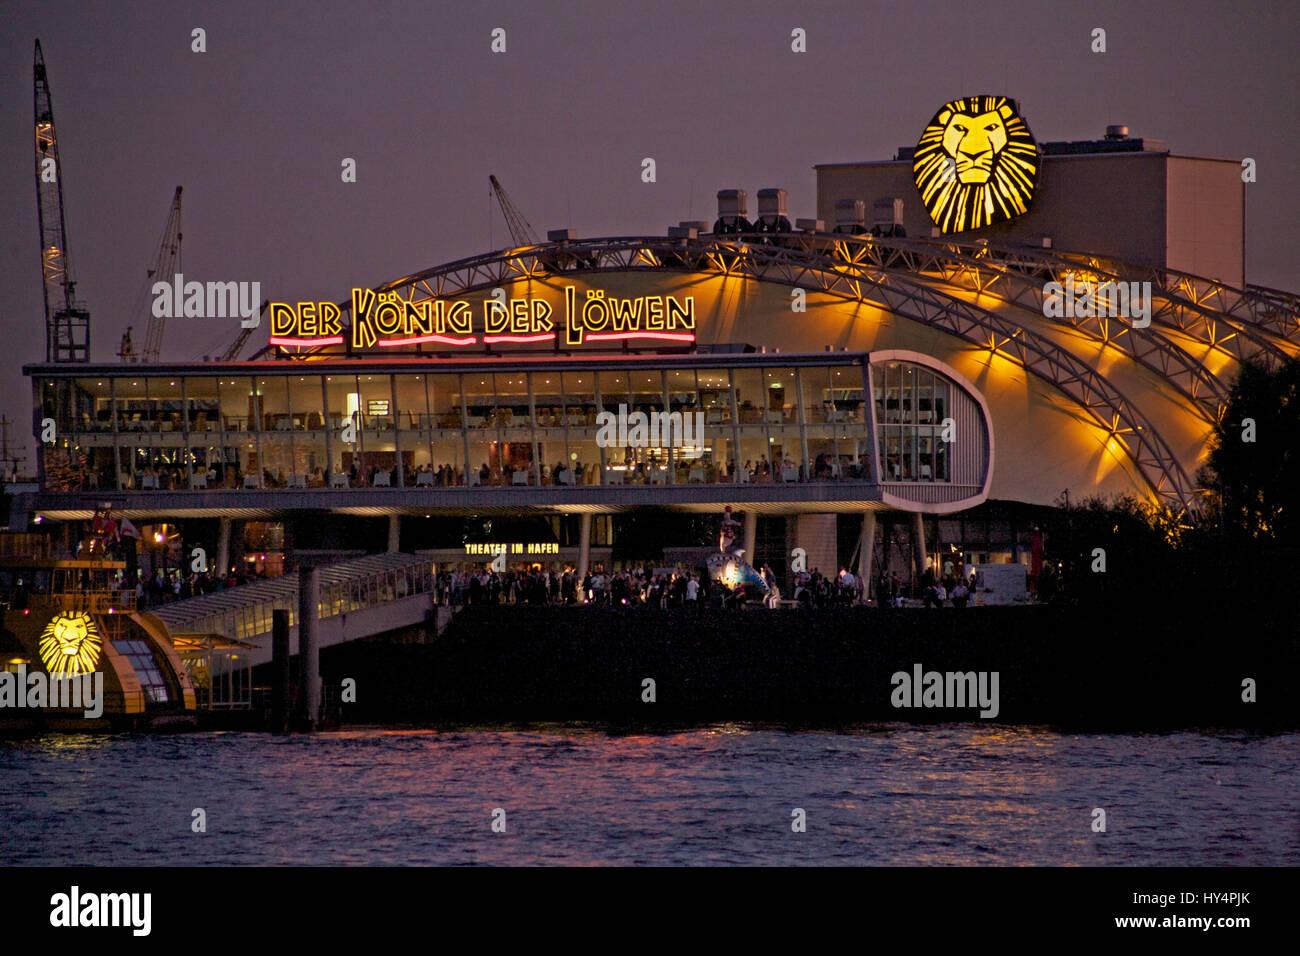 Hamburg Theater im Hafen with the musical Knig der Lwen